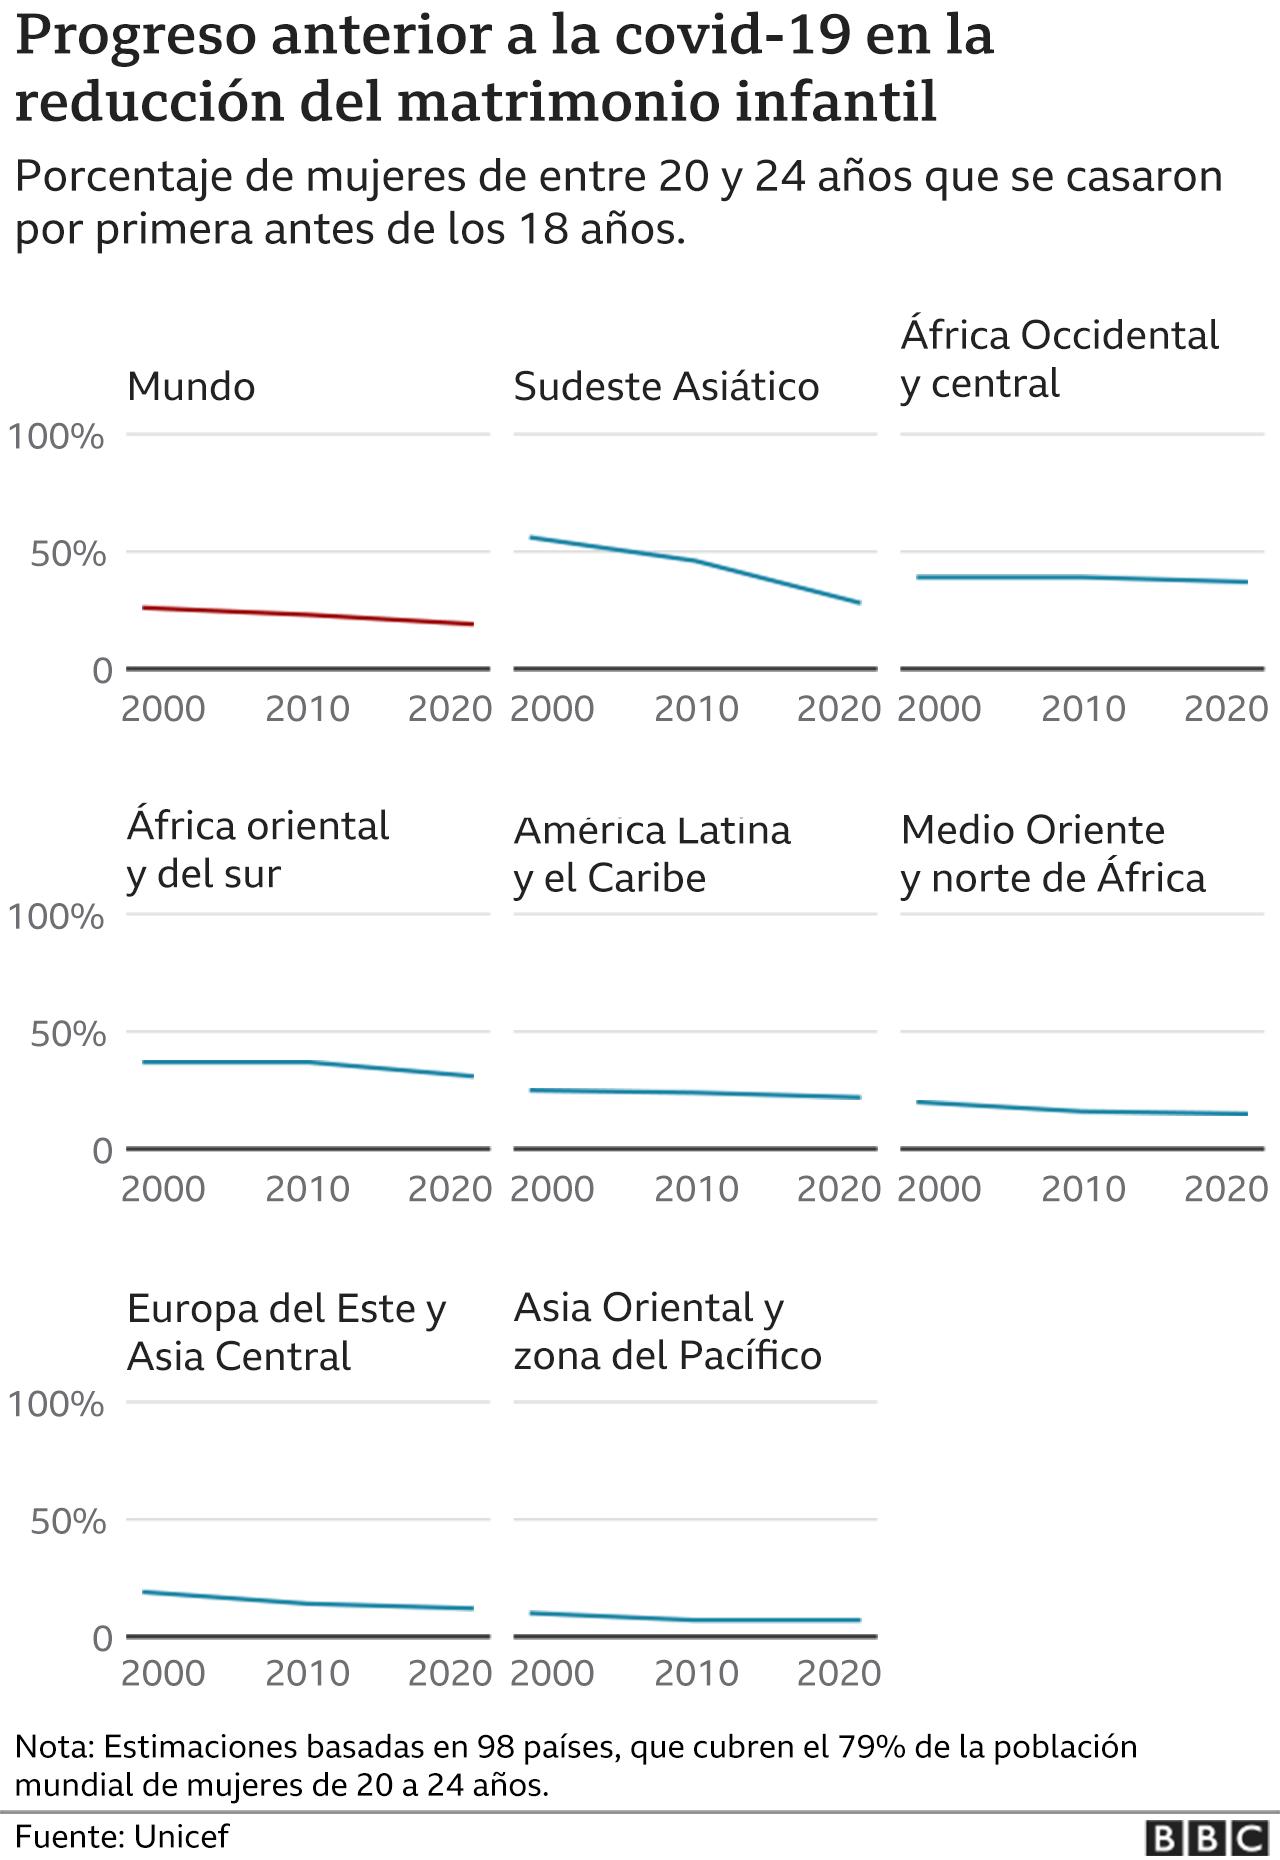 Matrimonios infantiles por áreas geográficas